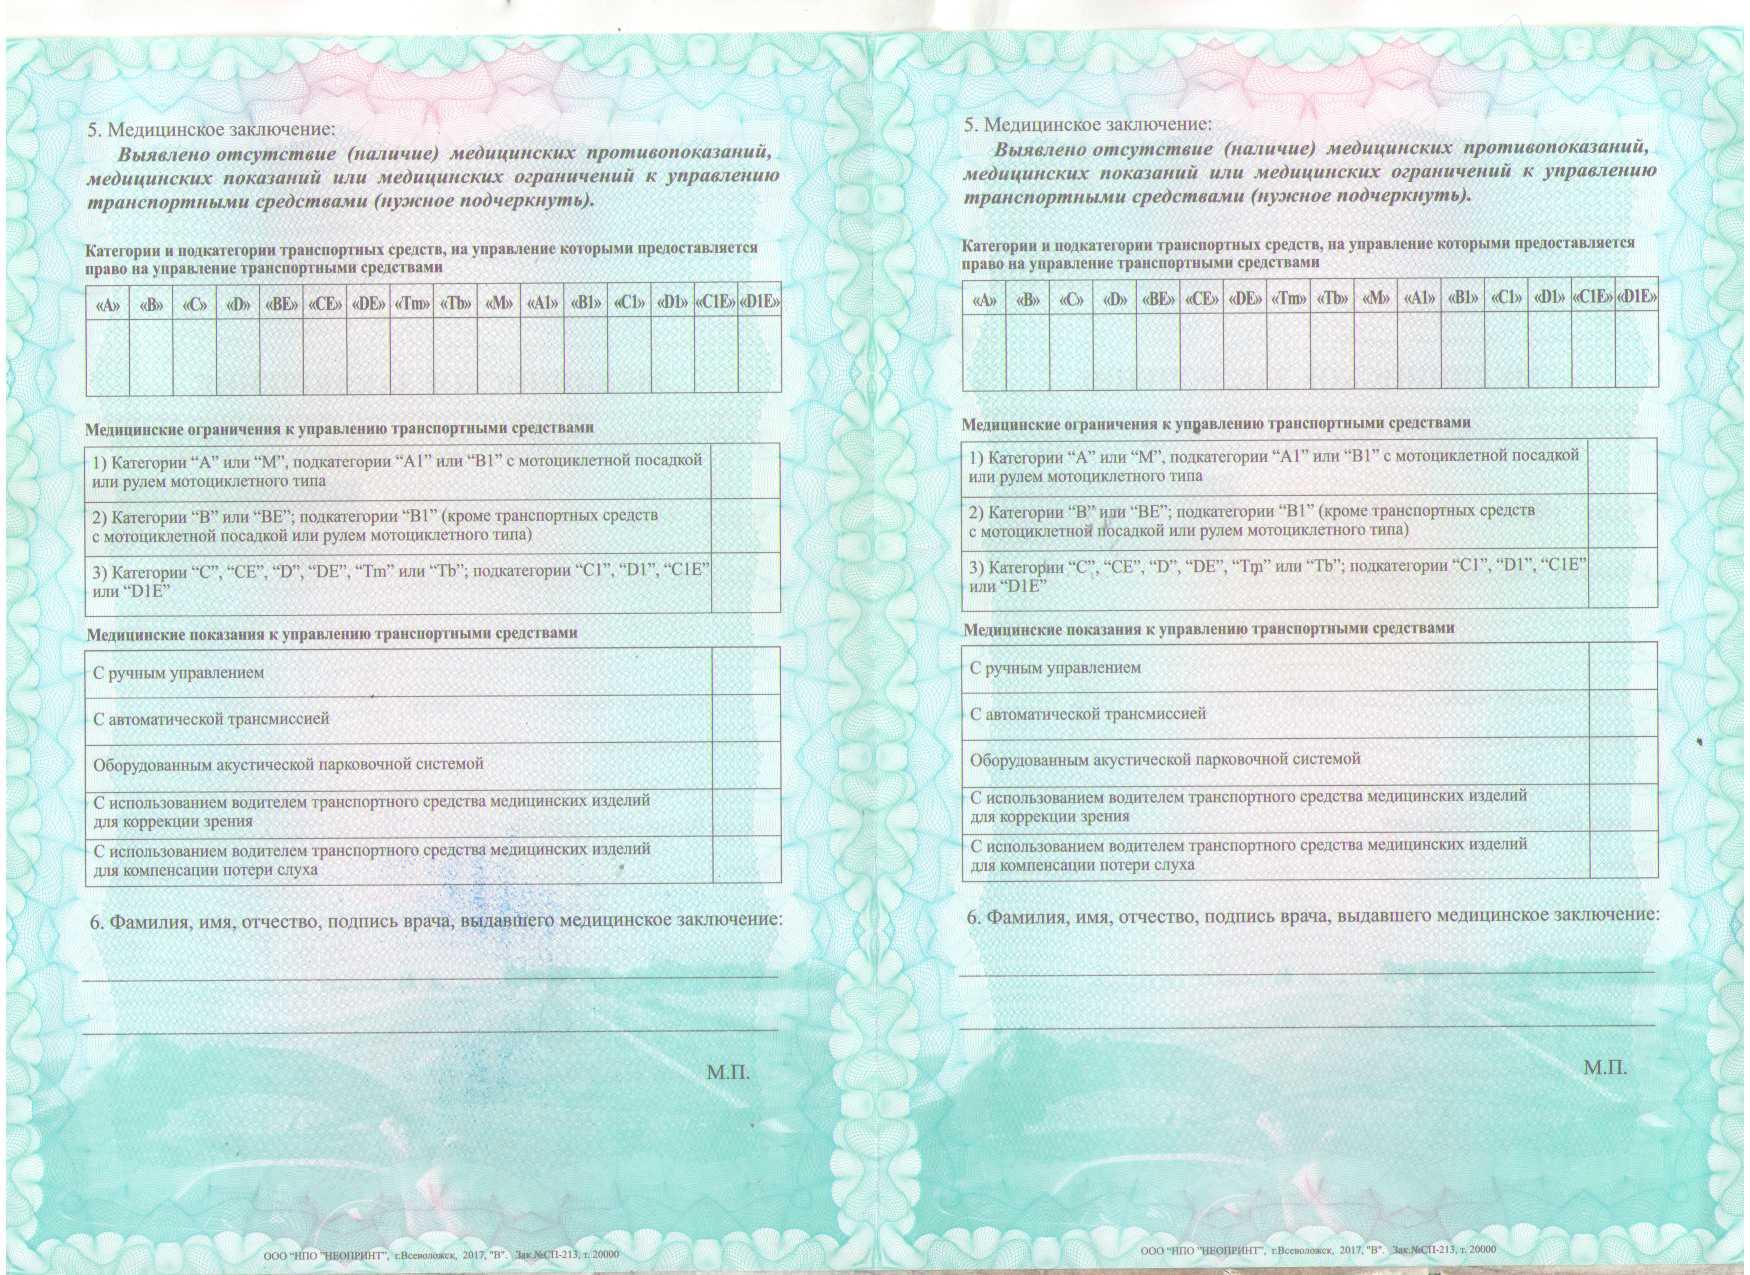 Почта банк условиях выдают кредиты